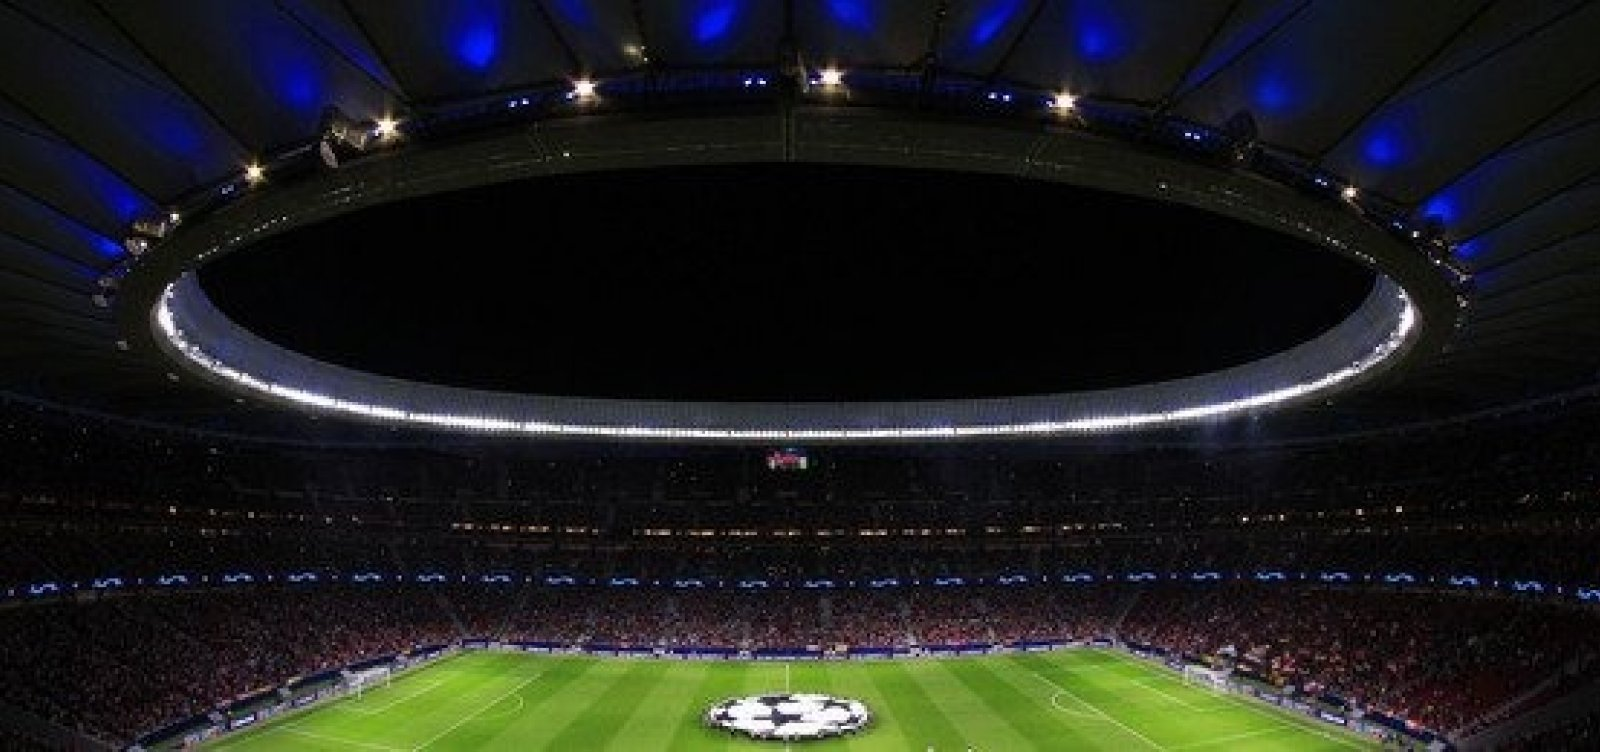 [Rádio Metrópole transmite final da Champions League direto de Madrid]